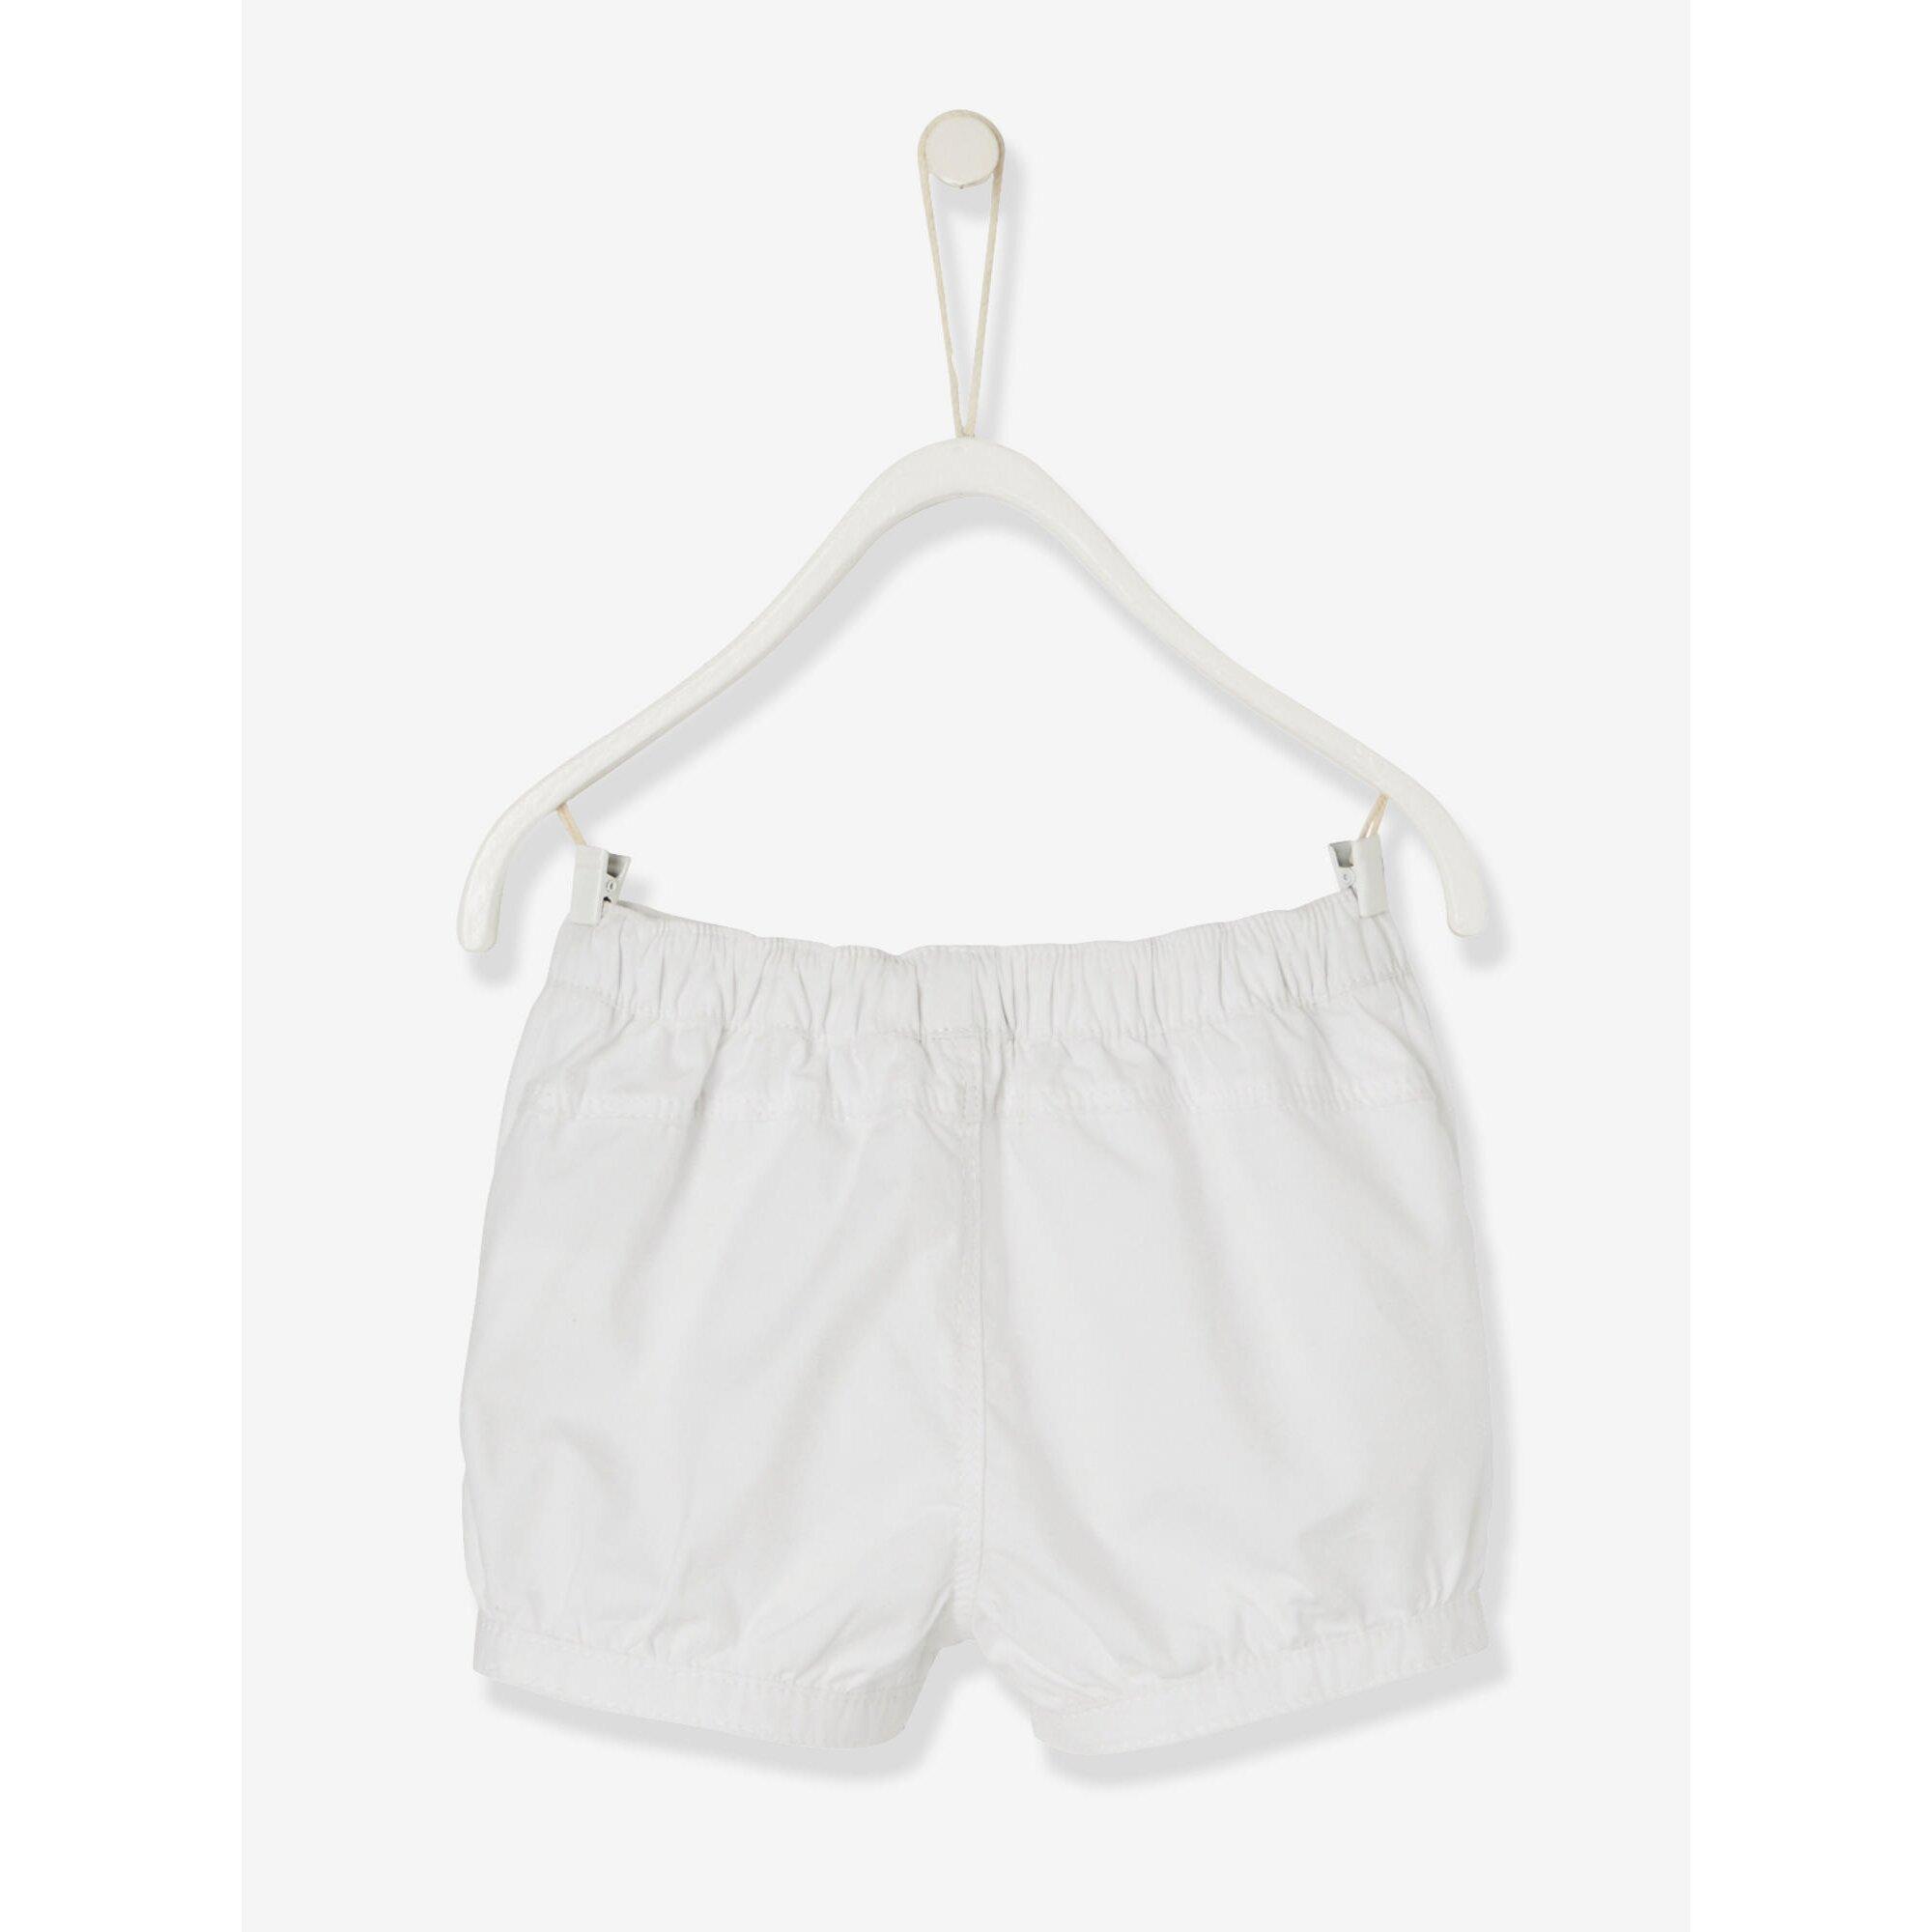 vertbaudet-baby-madchen-shorts-baumwolle